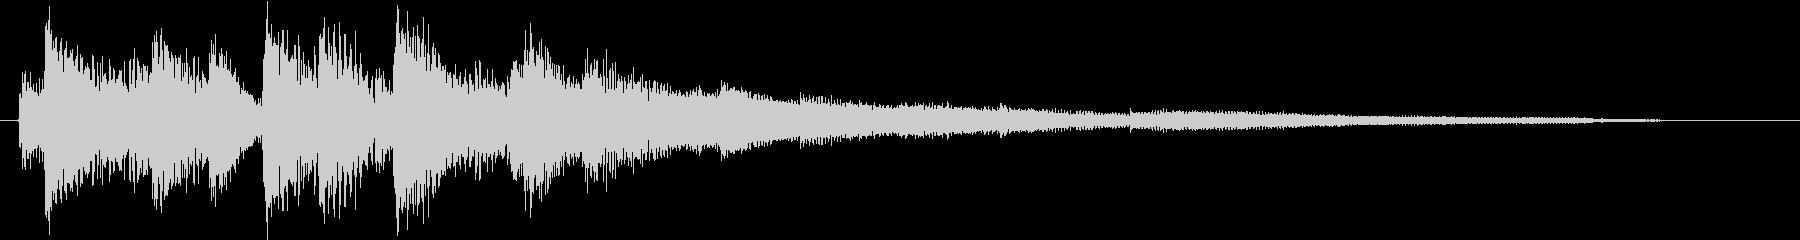 生演奏:マイナー調ラグジュアリーなピアノの未再生の波形